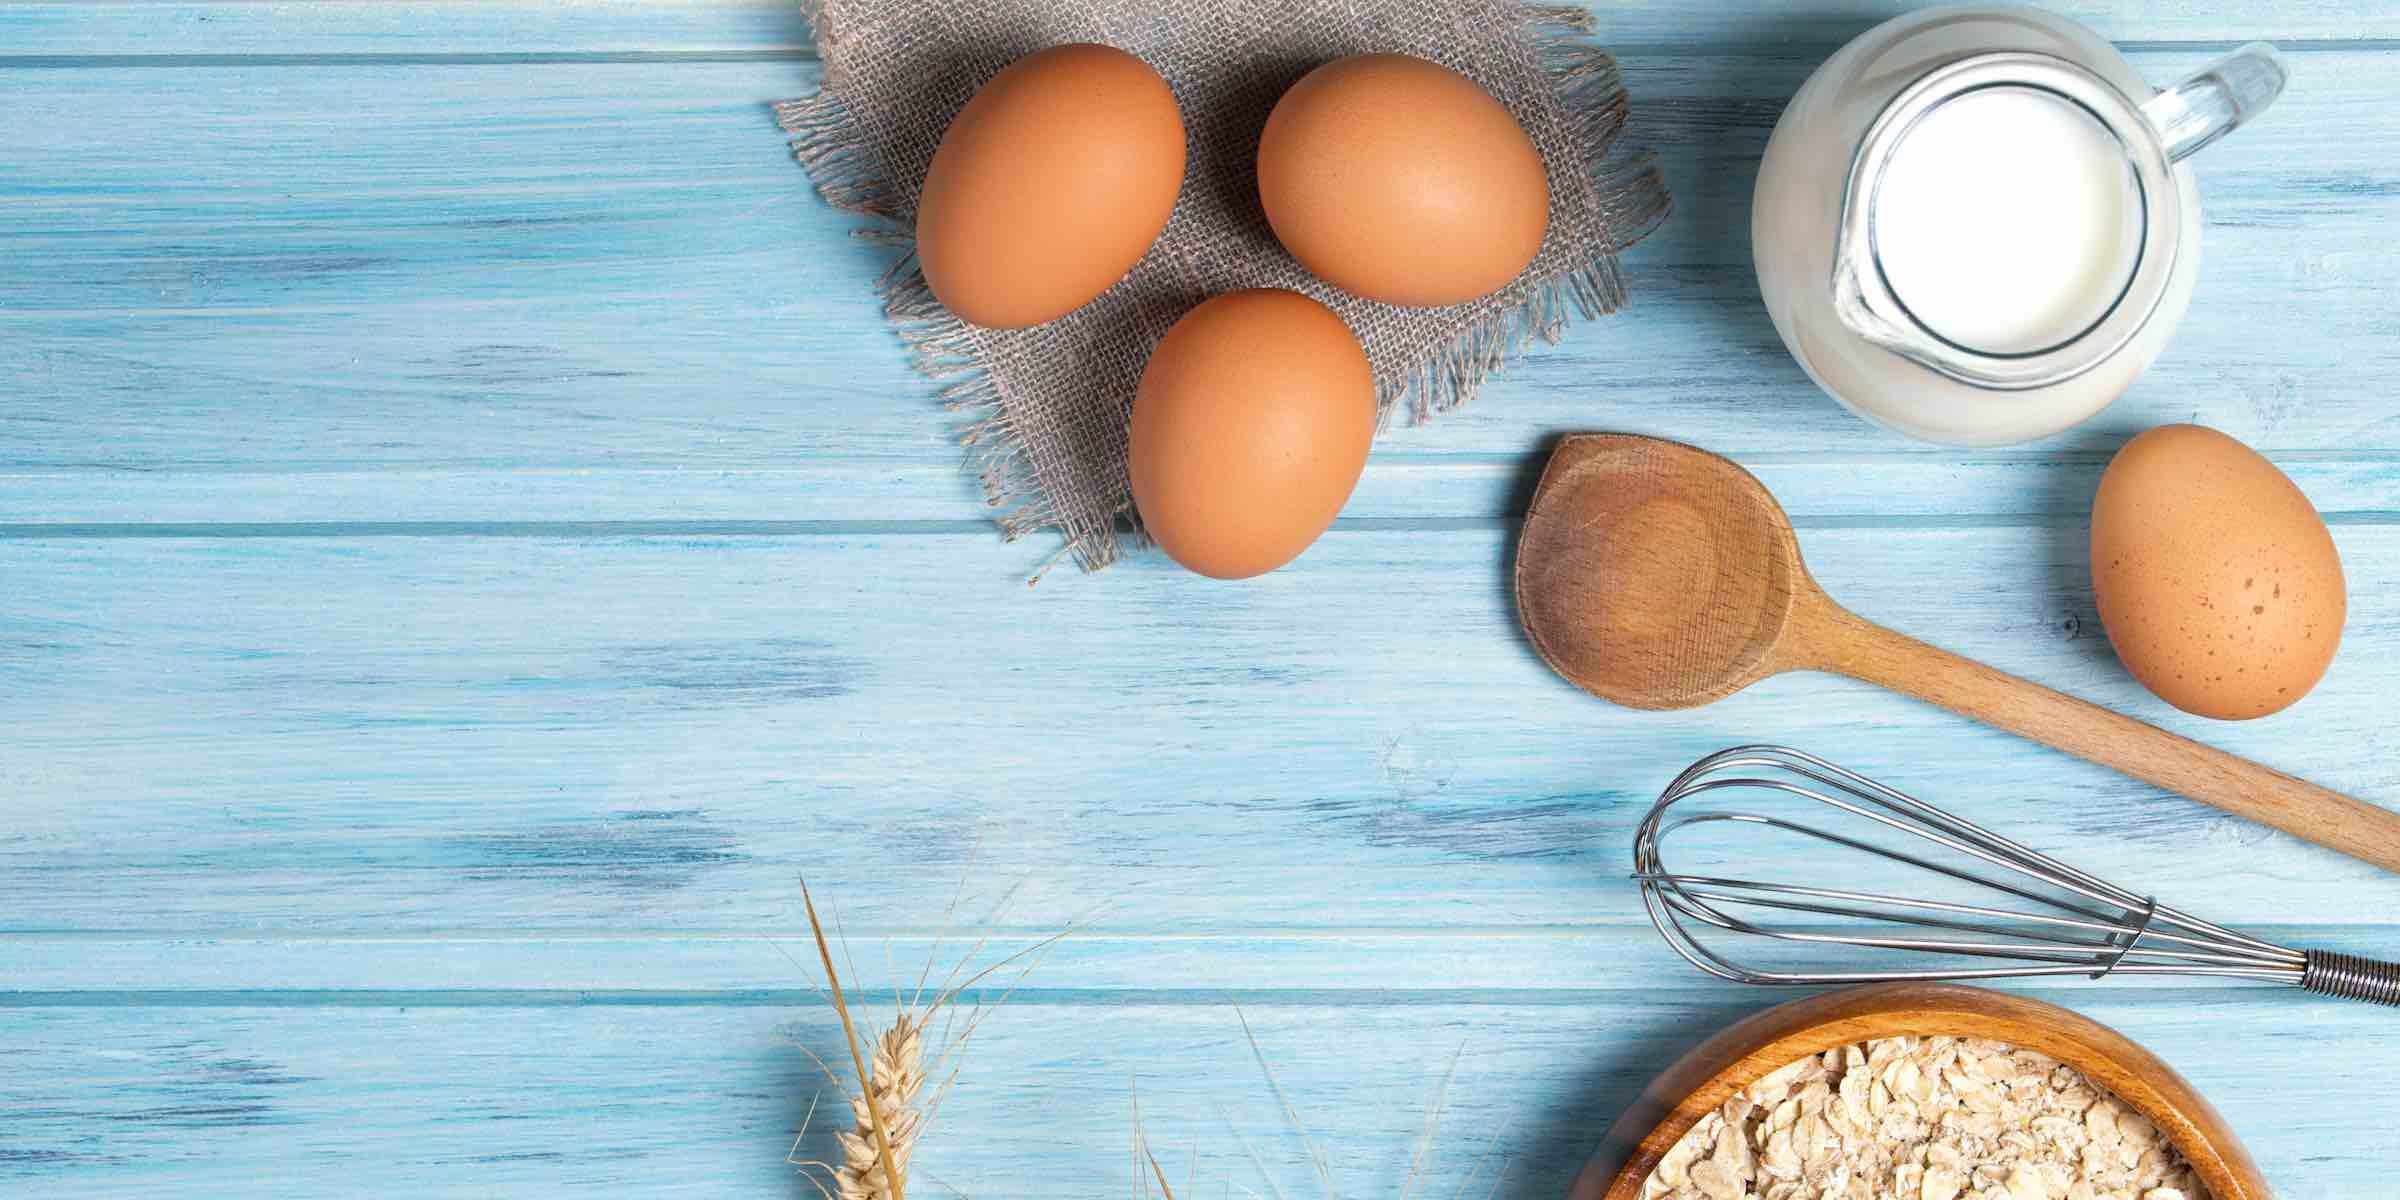 Eggs Dairy & Deli